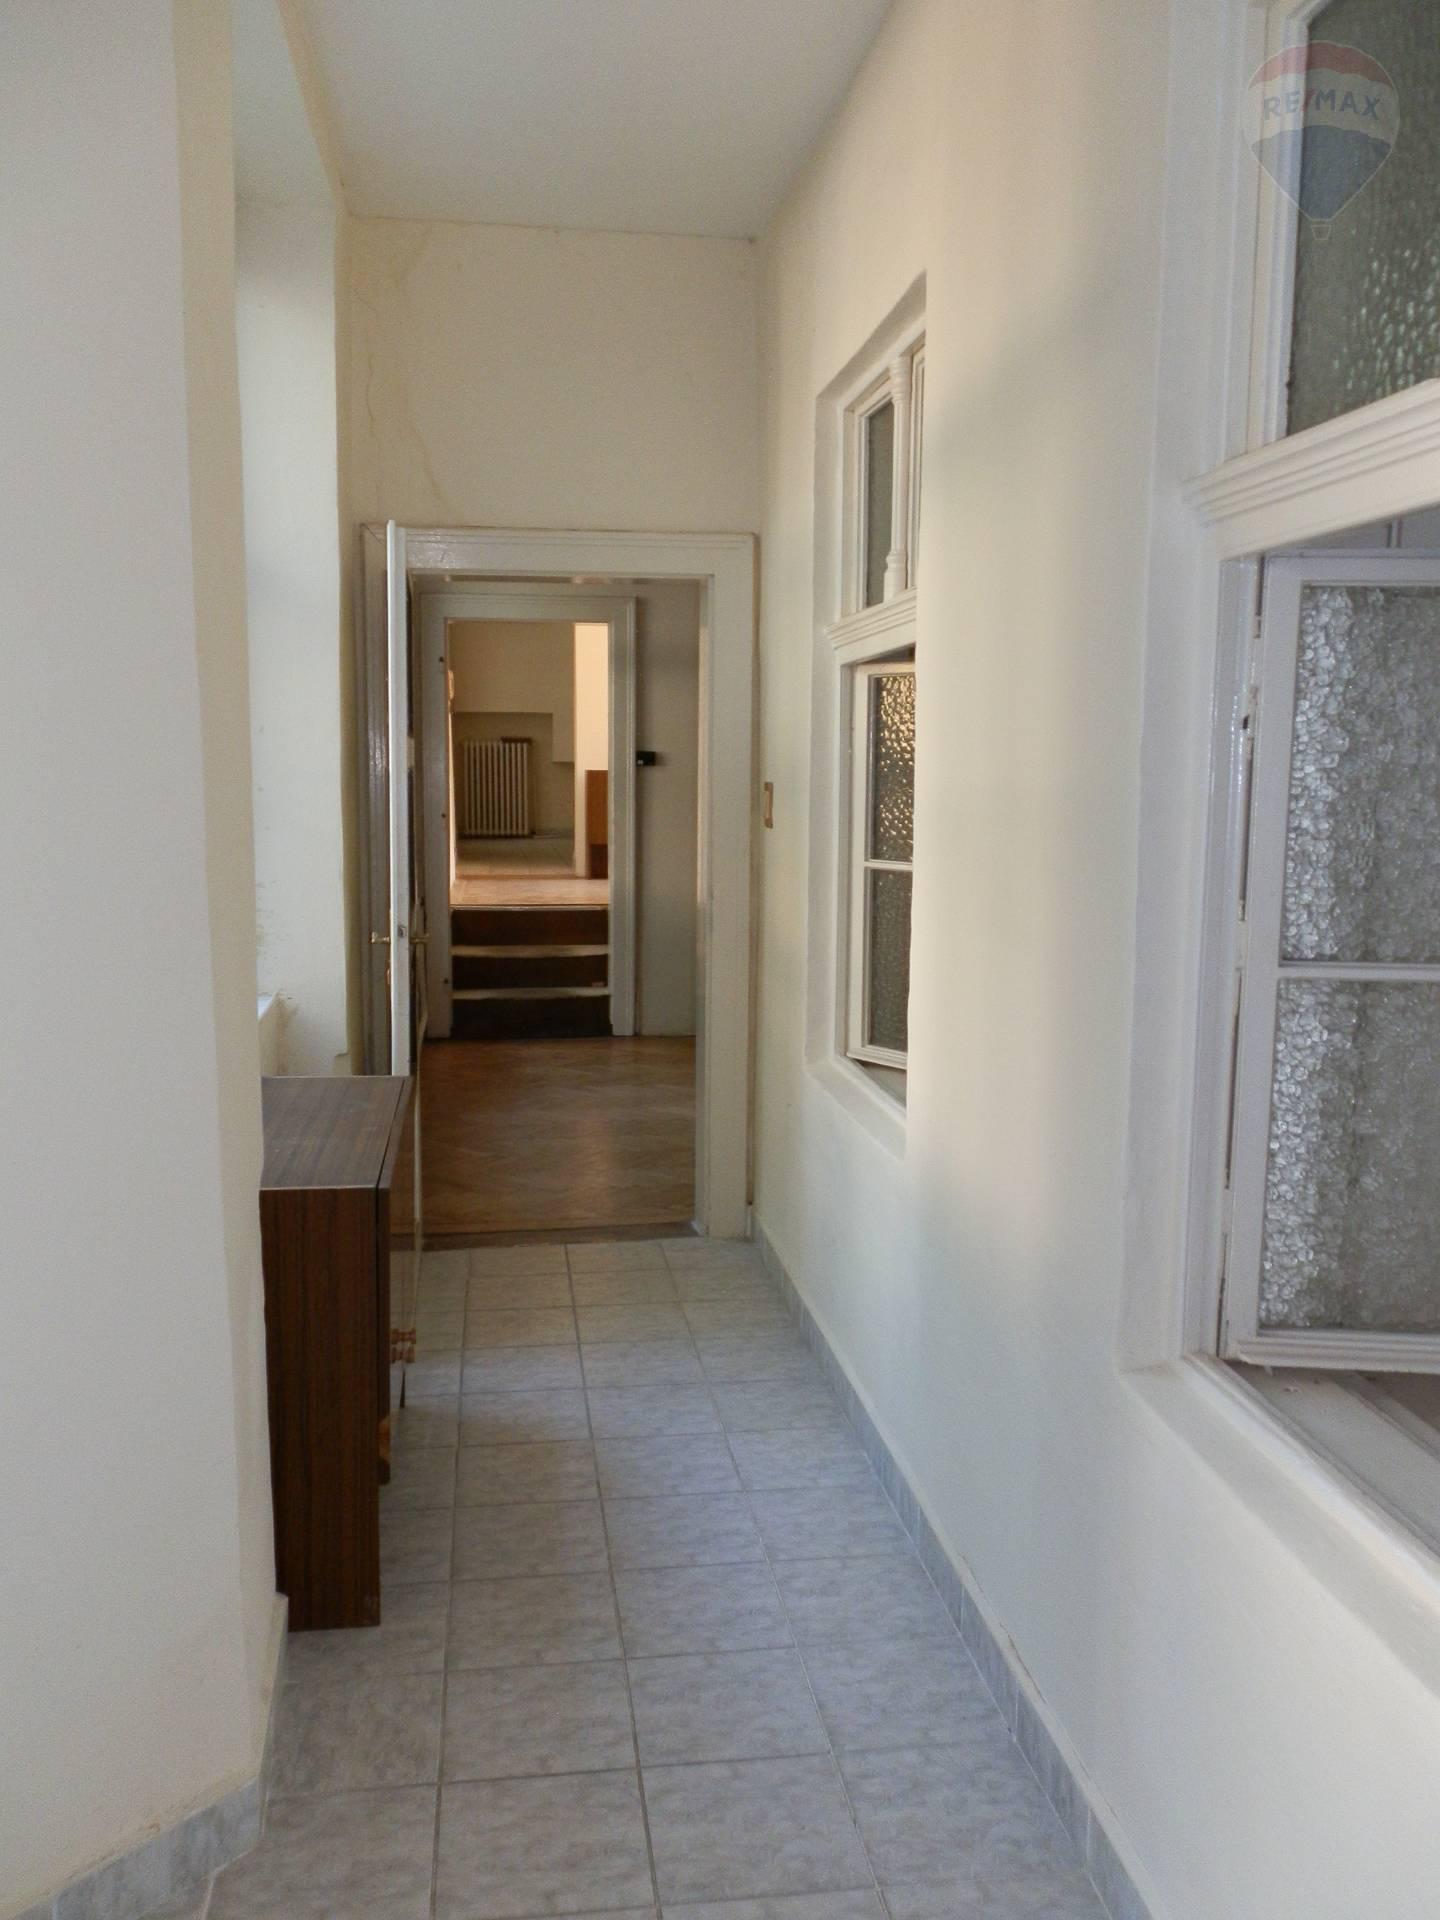 Predaj bytu (3 izbový) 105 m2, Nitra - Predaj byt centrum Nitra